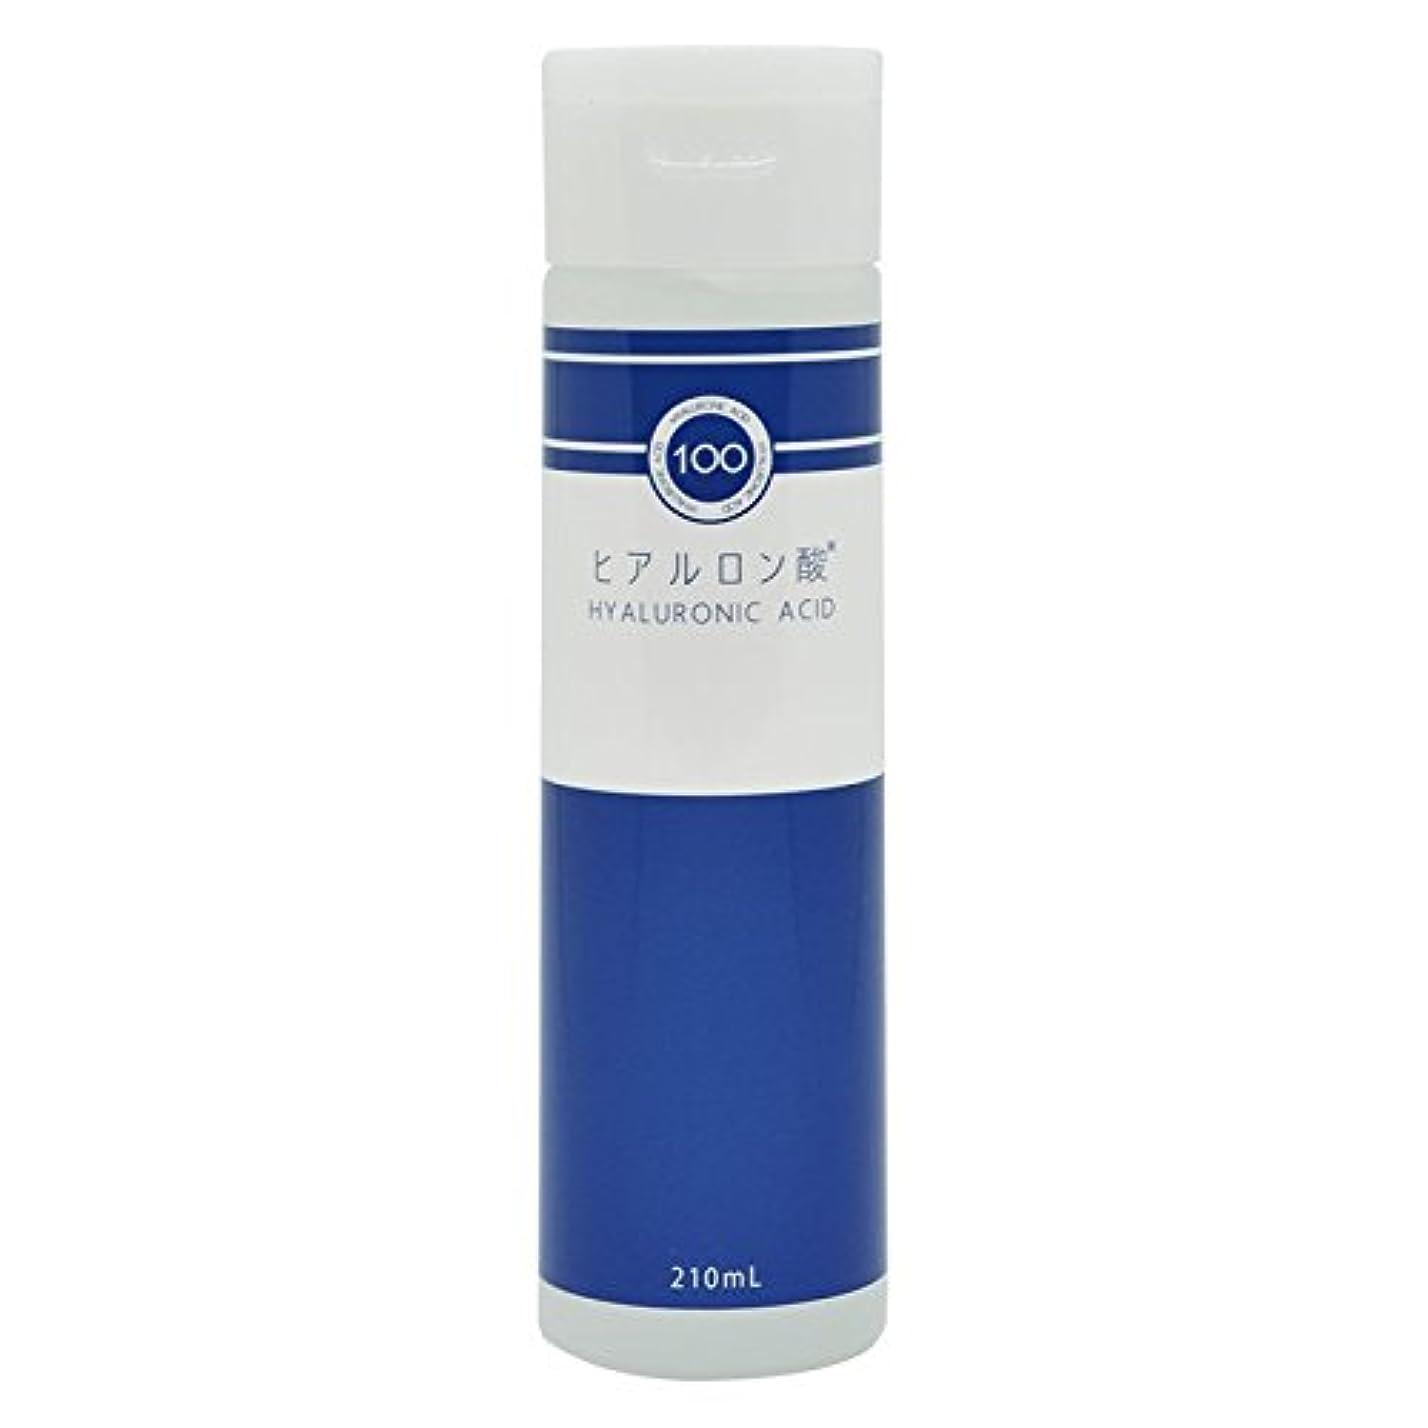 矛盾矢きらめく日本製 高濃度ヒアルロン酸原液100% たっぷり 210ml 化粧水やシャンプーに混ぜて